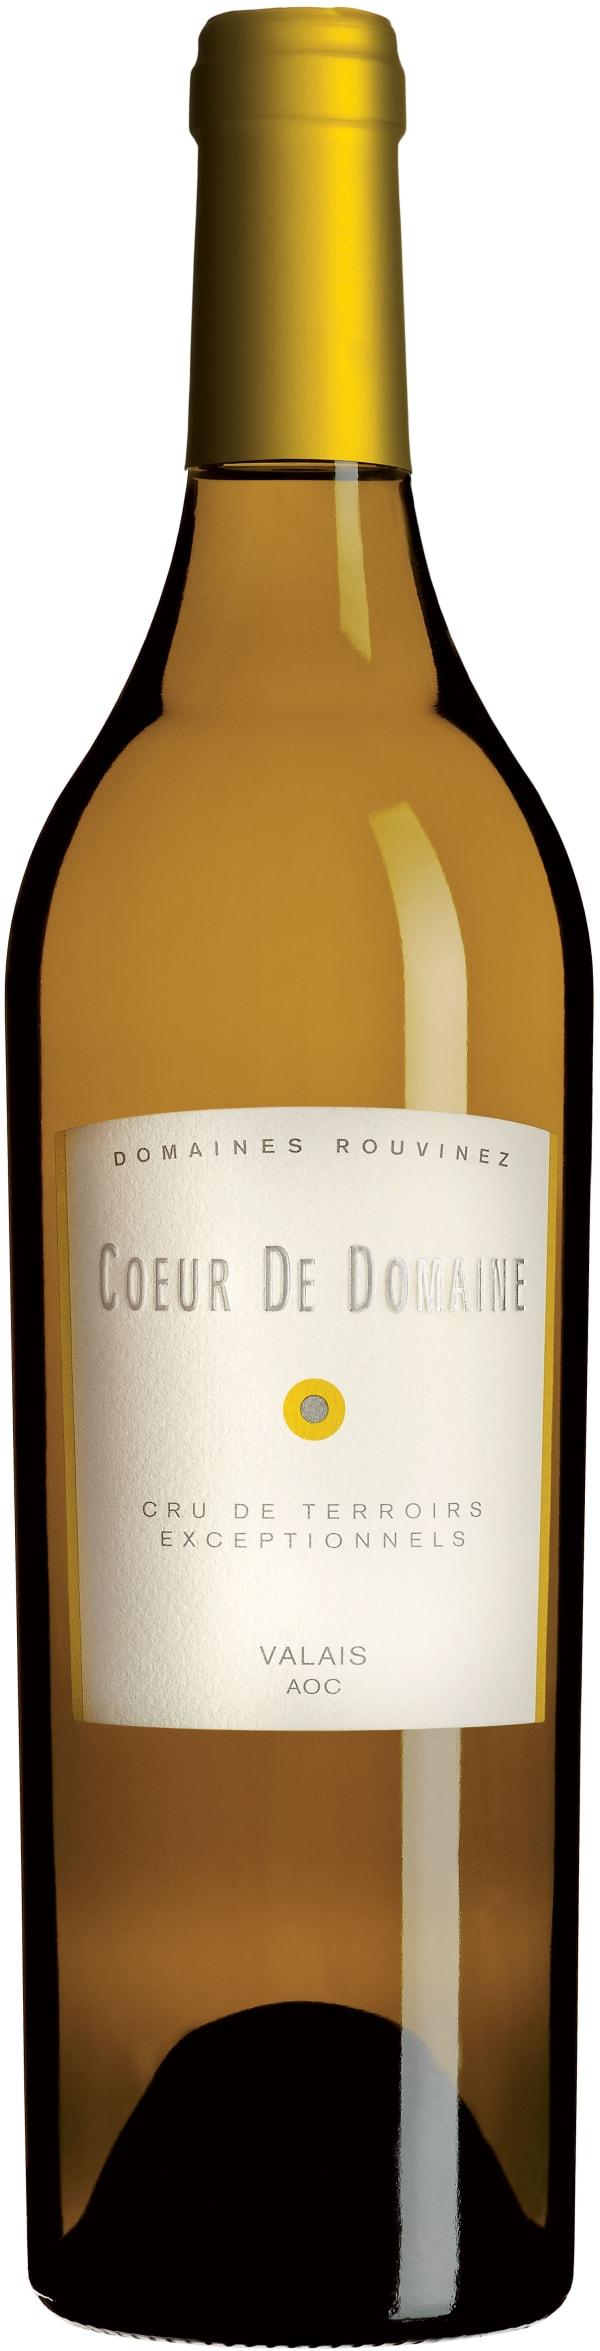 Domaine Rouvinez Coeur de Domaine blanc 2012